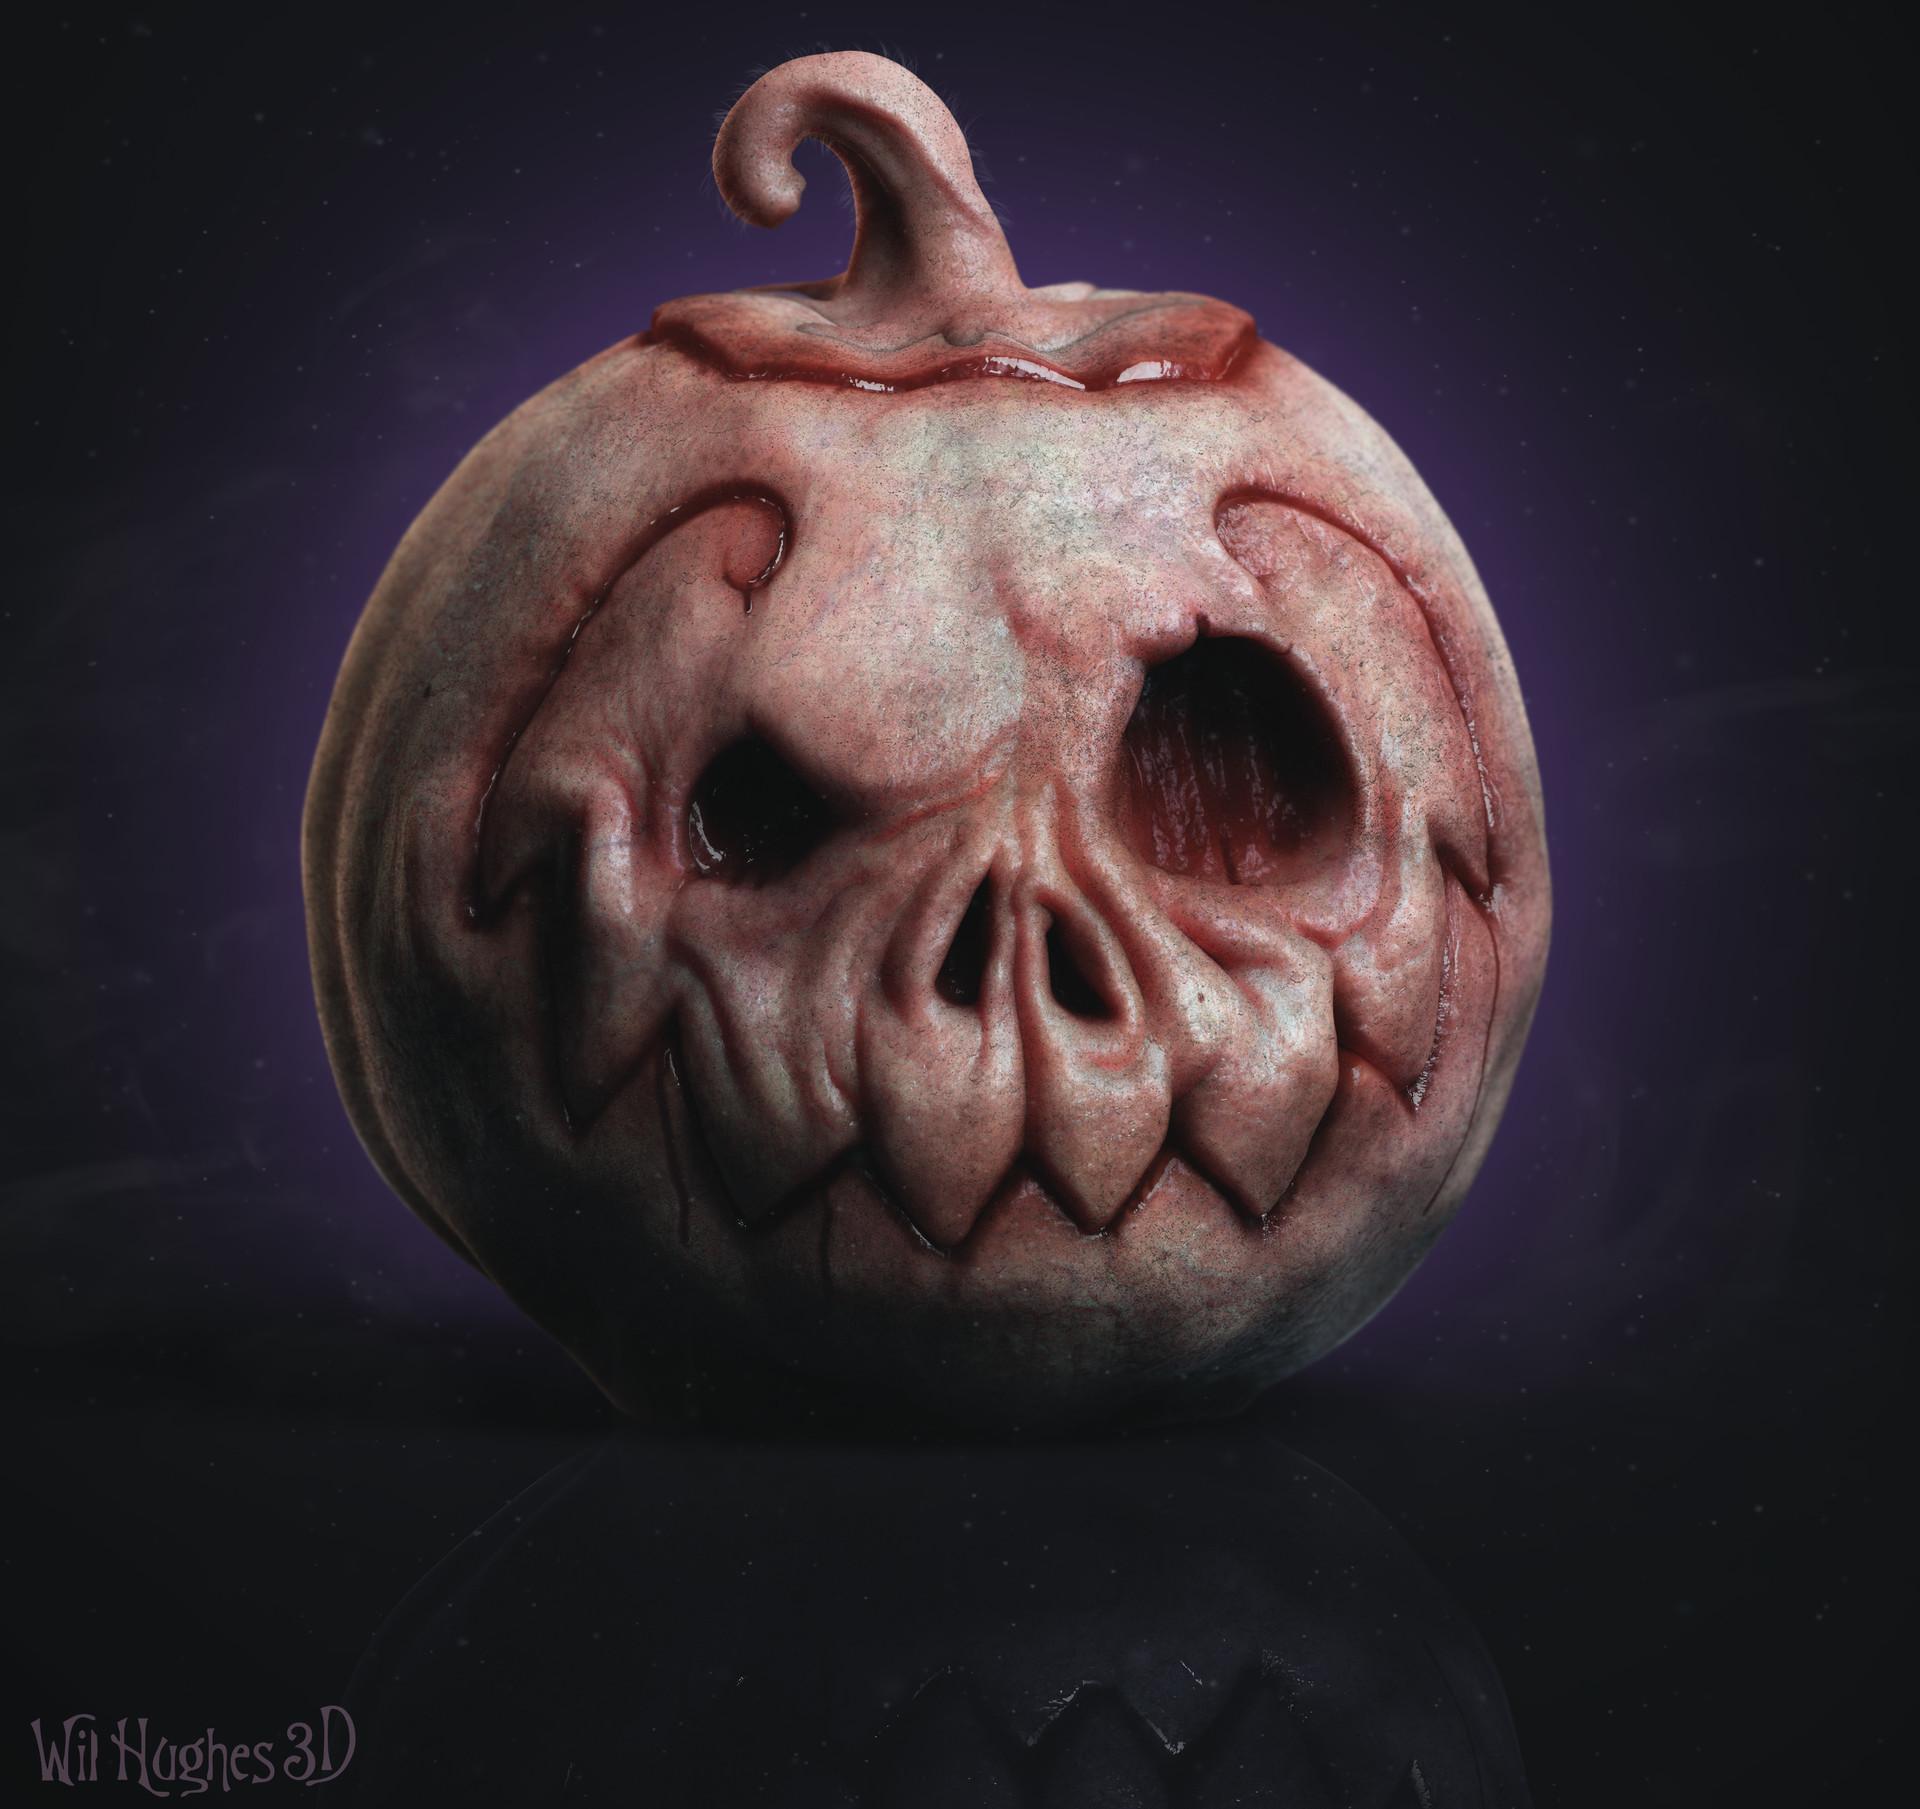 Wil hughes jack o lantern